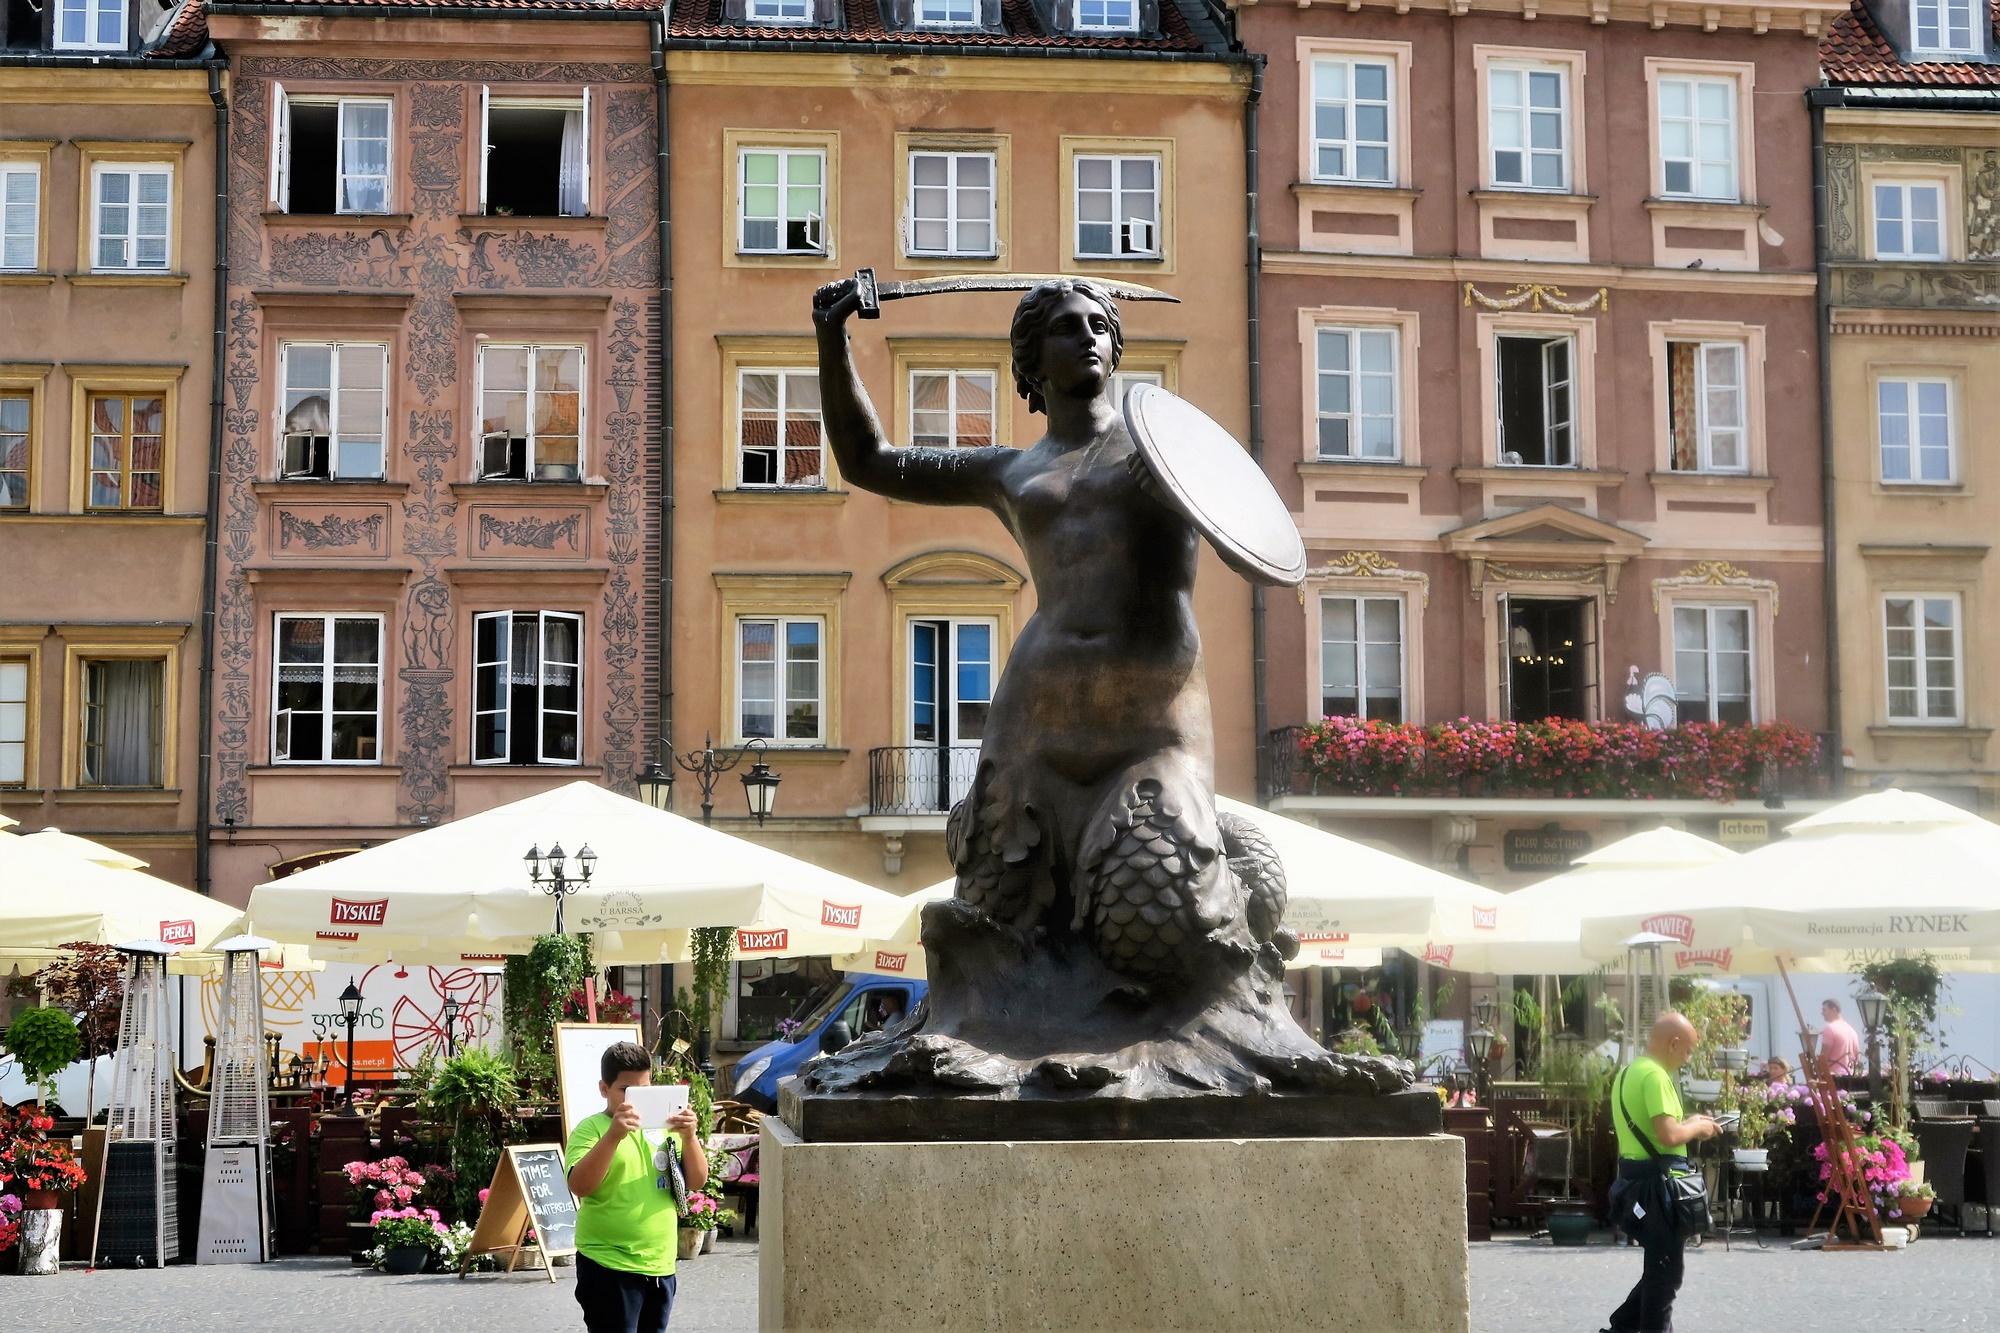 Sur la place du Rynek, la sirène de Varsovie, protectrice de la ville